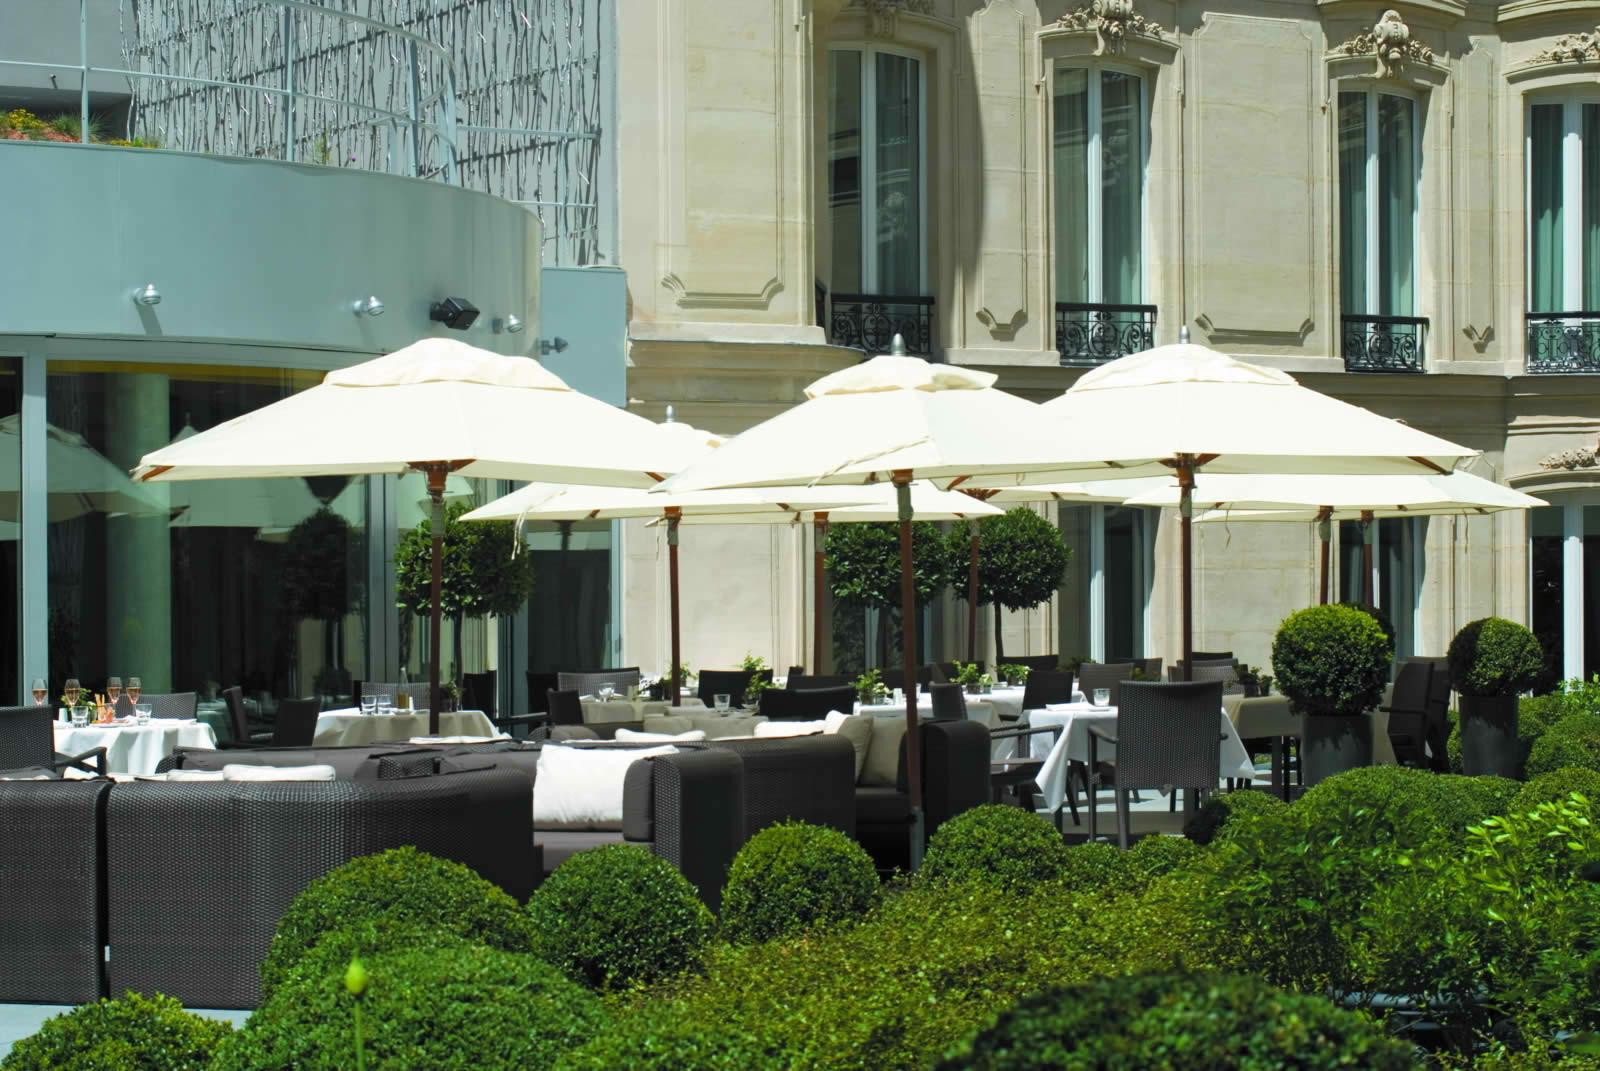 The Hôtel Barrière Le Fouquet's PARIS: A Mythical Place in Paris